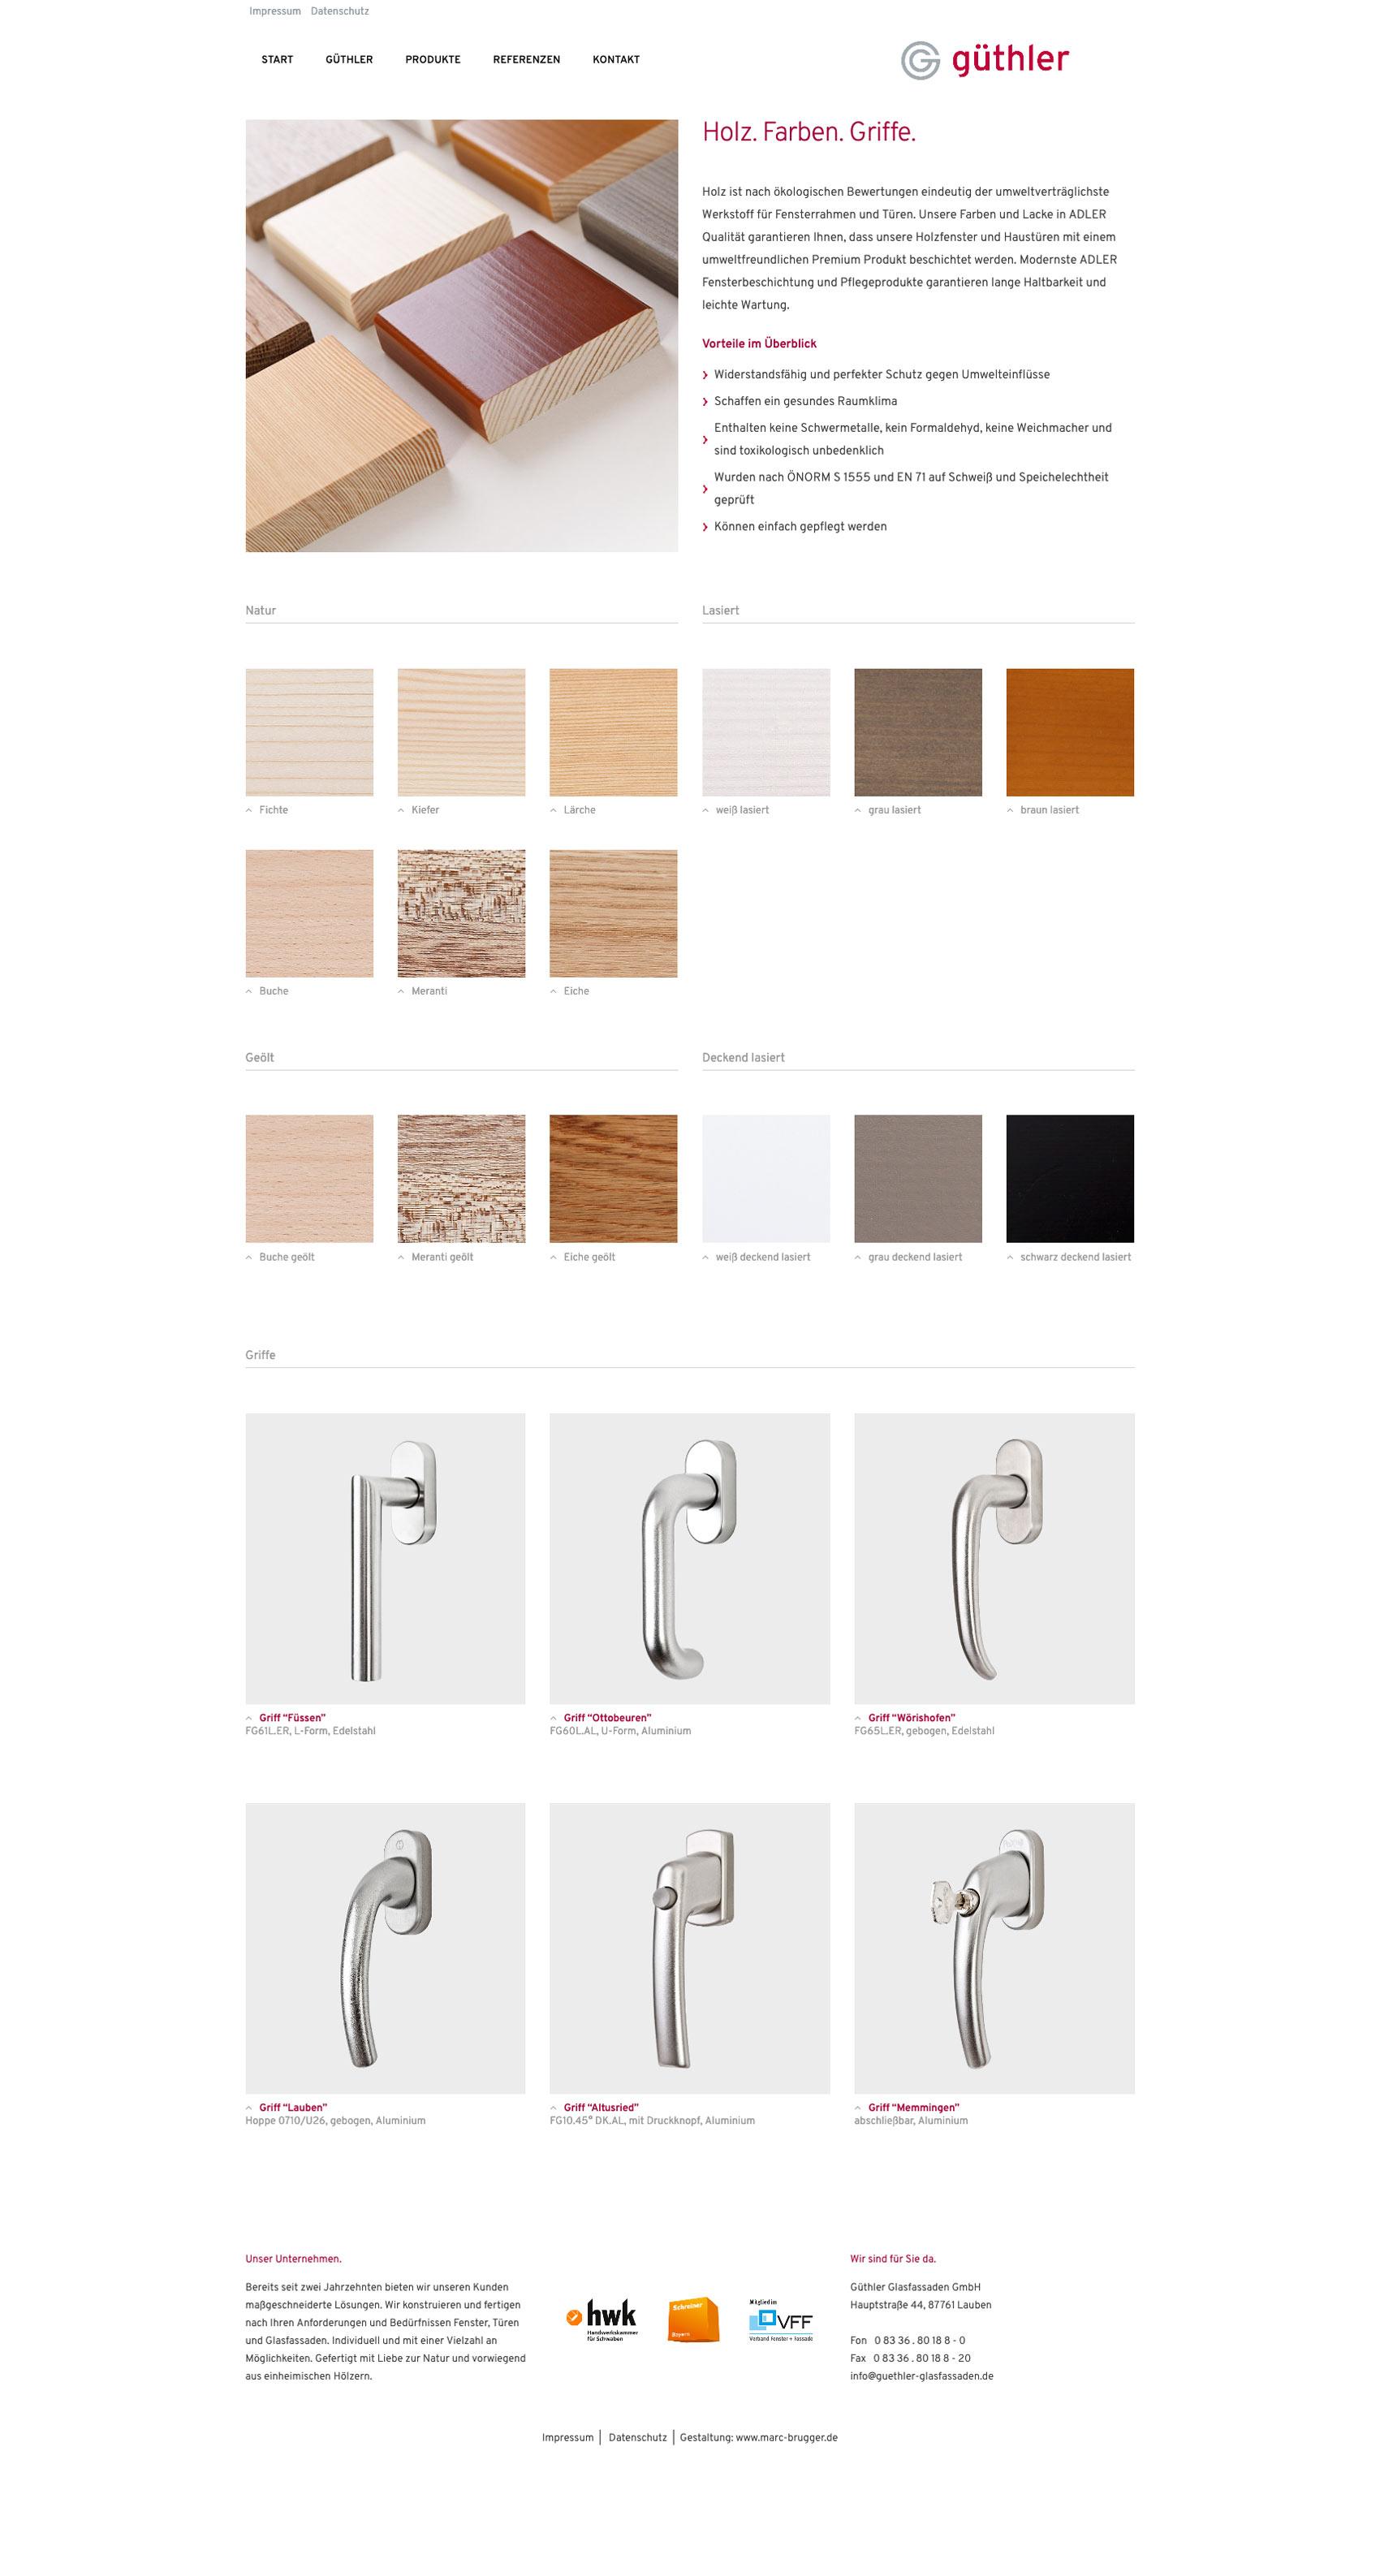 Internetauftritt von Güthler Glasfassaden mit Produktdarstellung und Farbauswahl